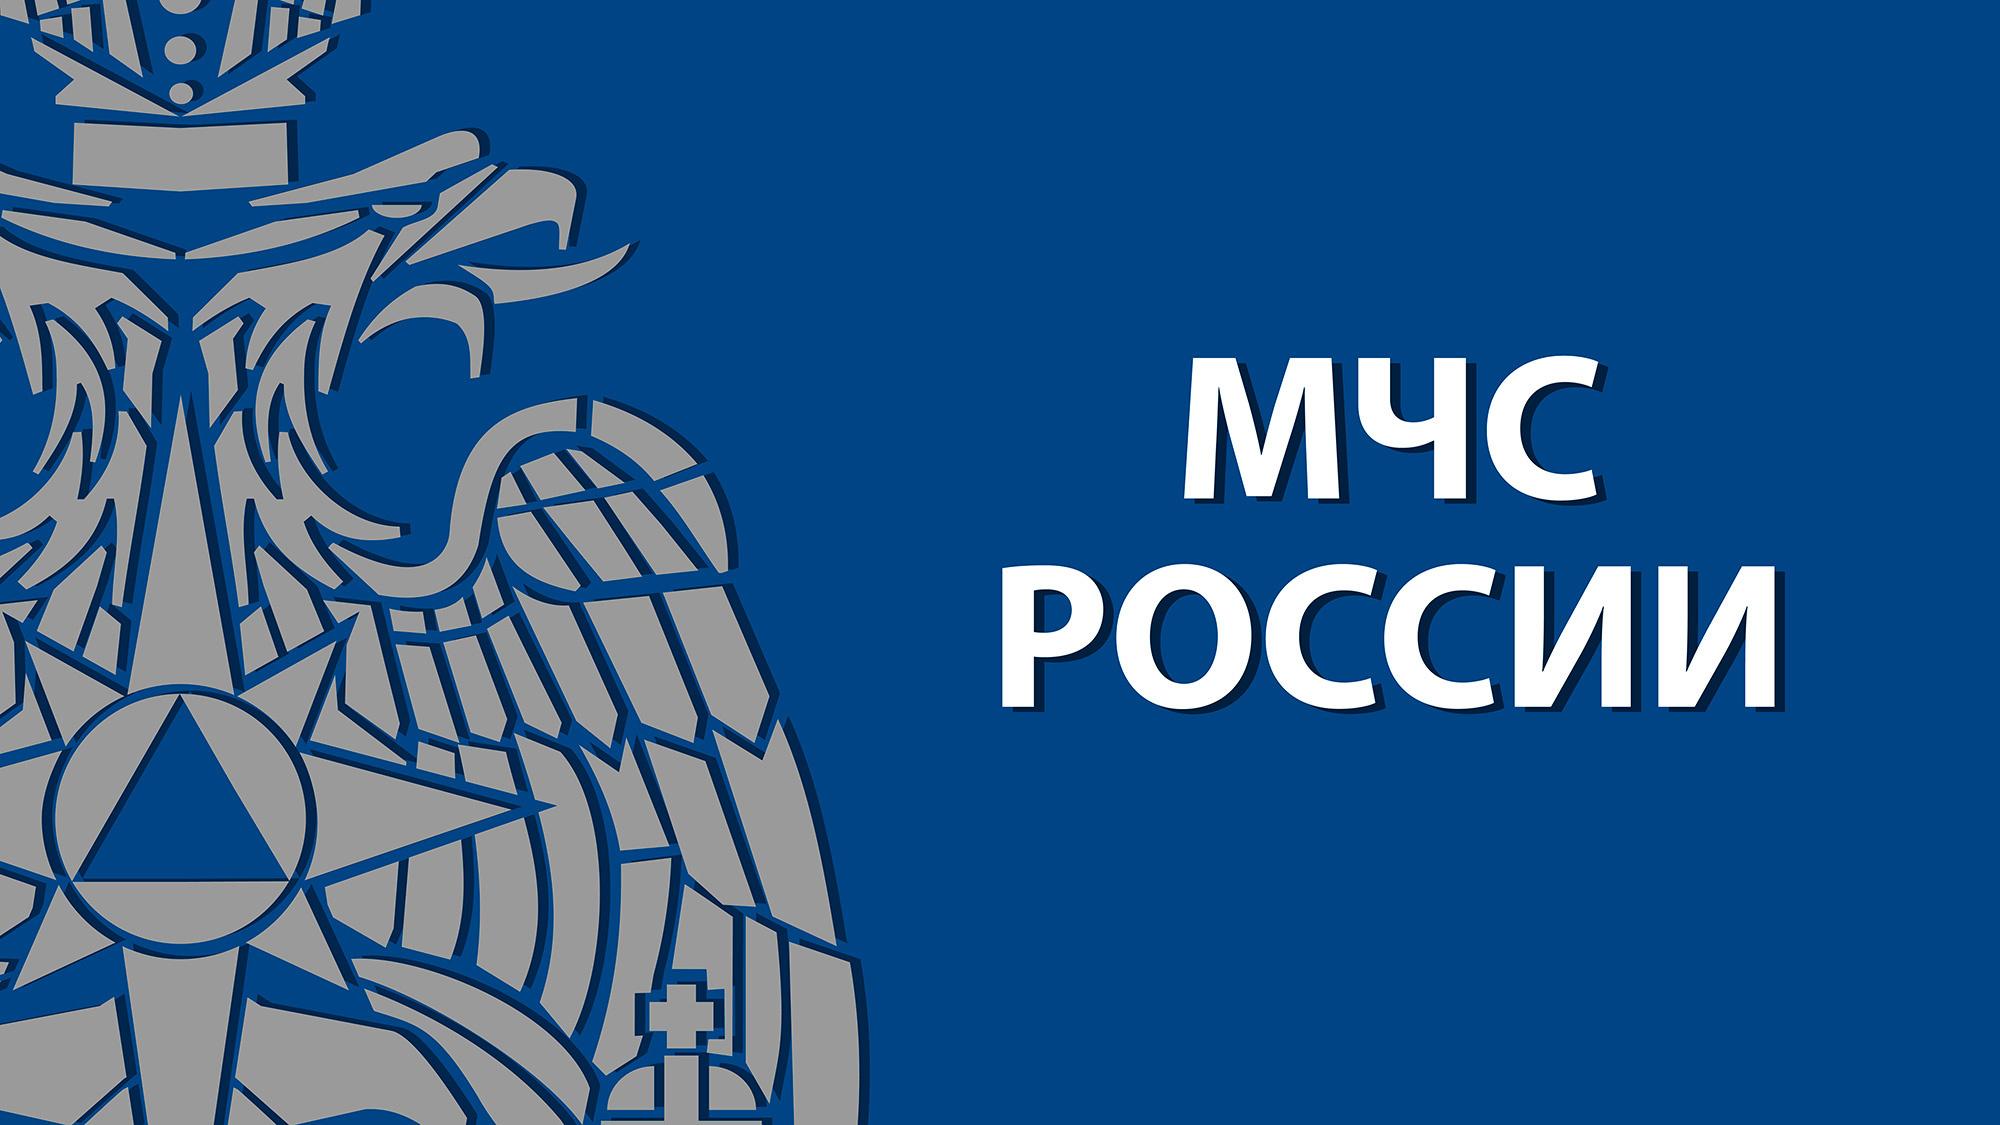 На пожаре в ГО Феодосия сотрудники МЧС России эвакуировали 5 человек